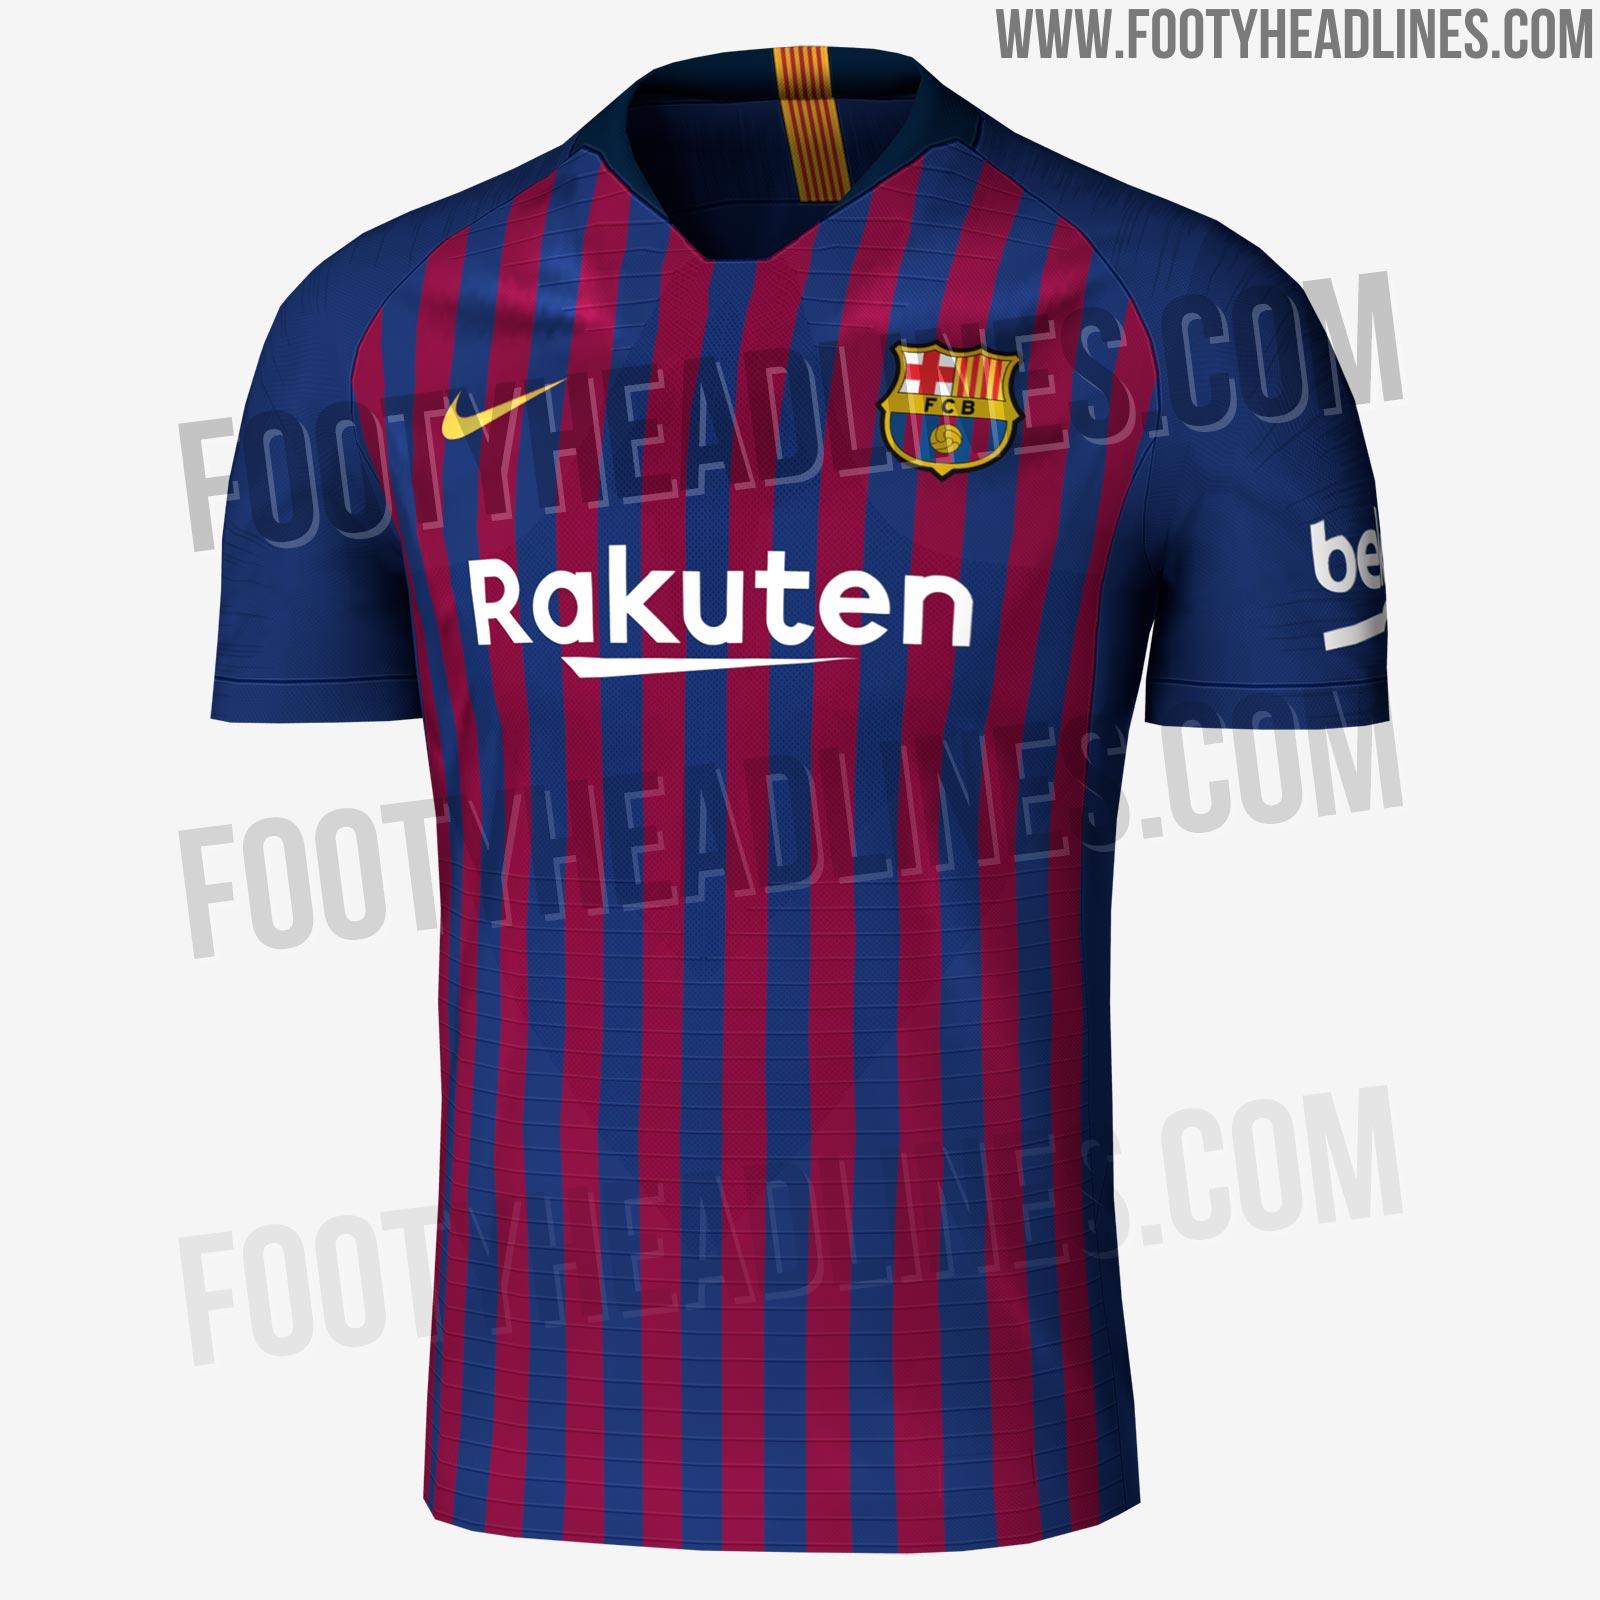 d61ceed62da75 Site vaza camisa do Barça para a próxima temporada com listras mais finas